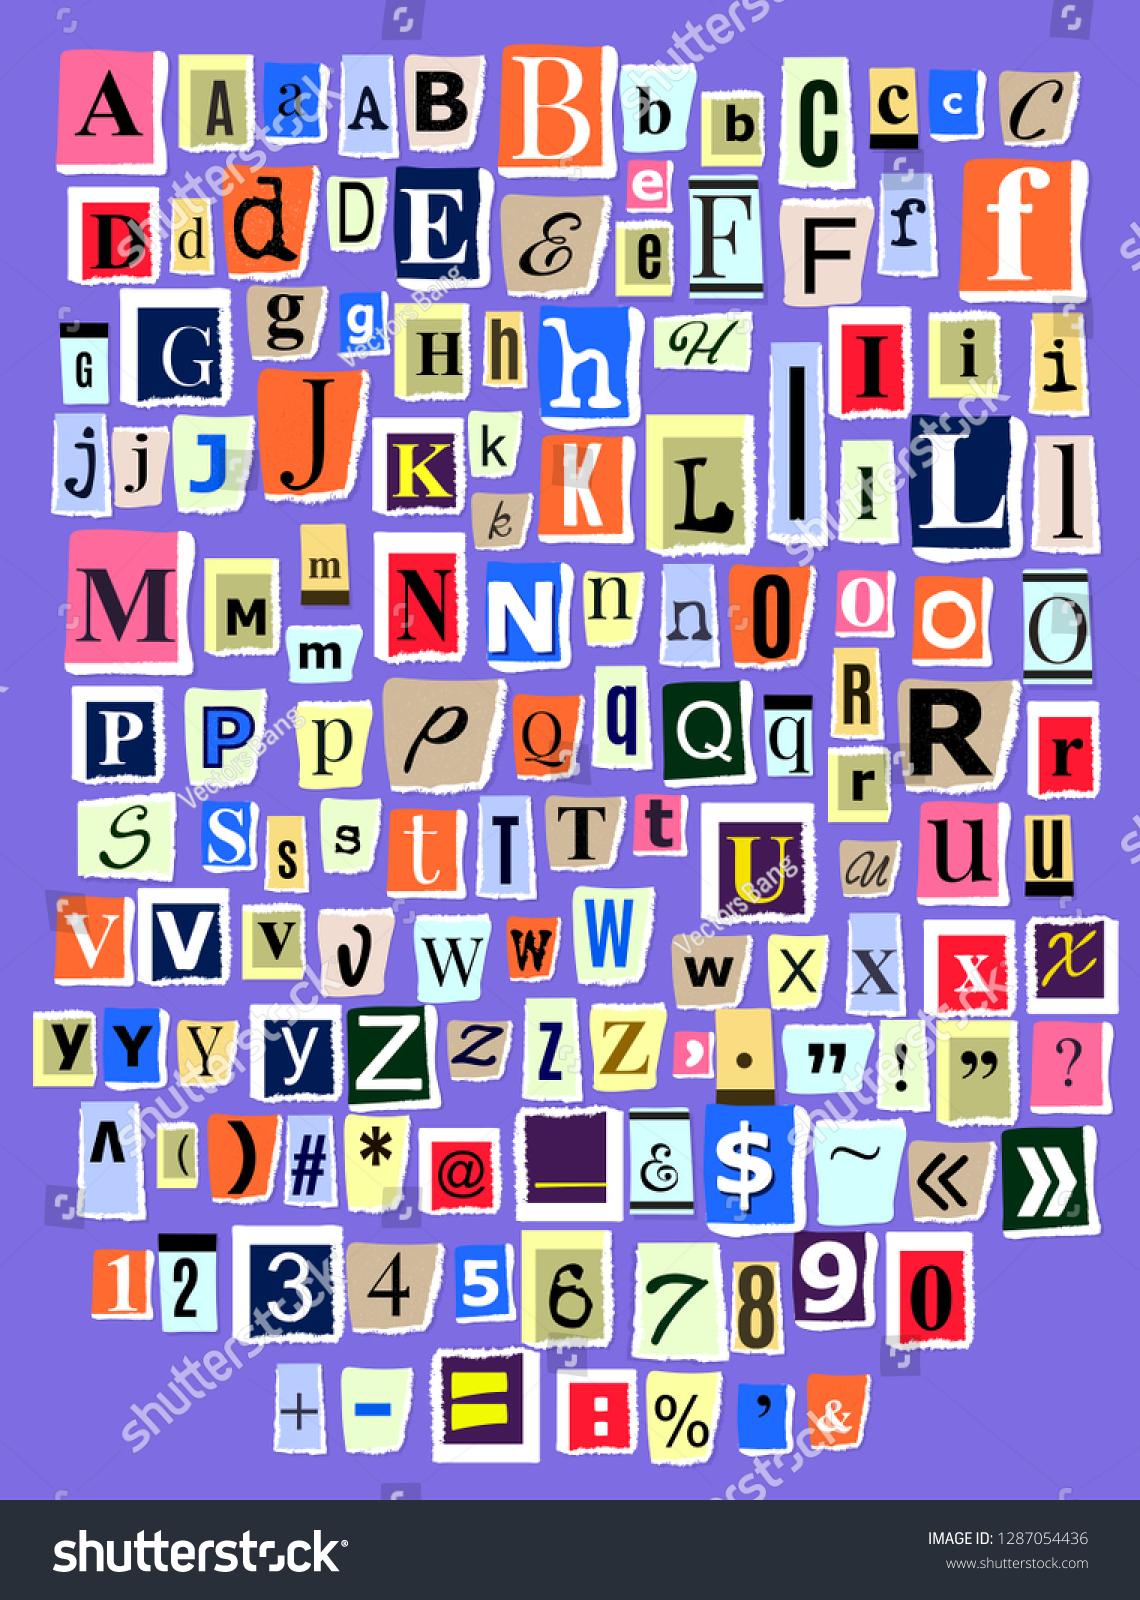 アルファベットのコラージュABCベクターのアルファベット順のフォント ...